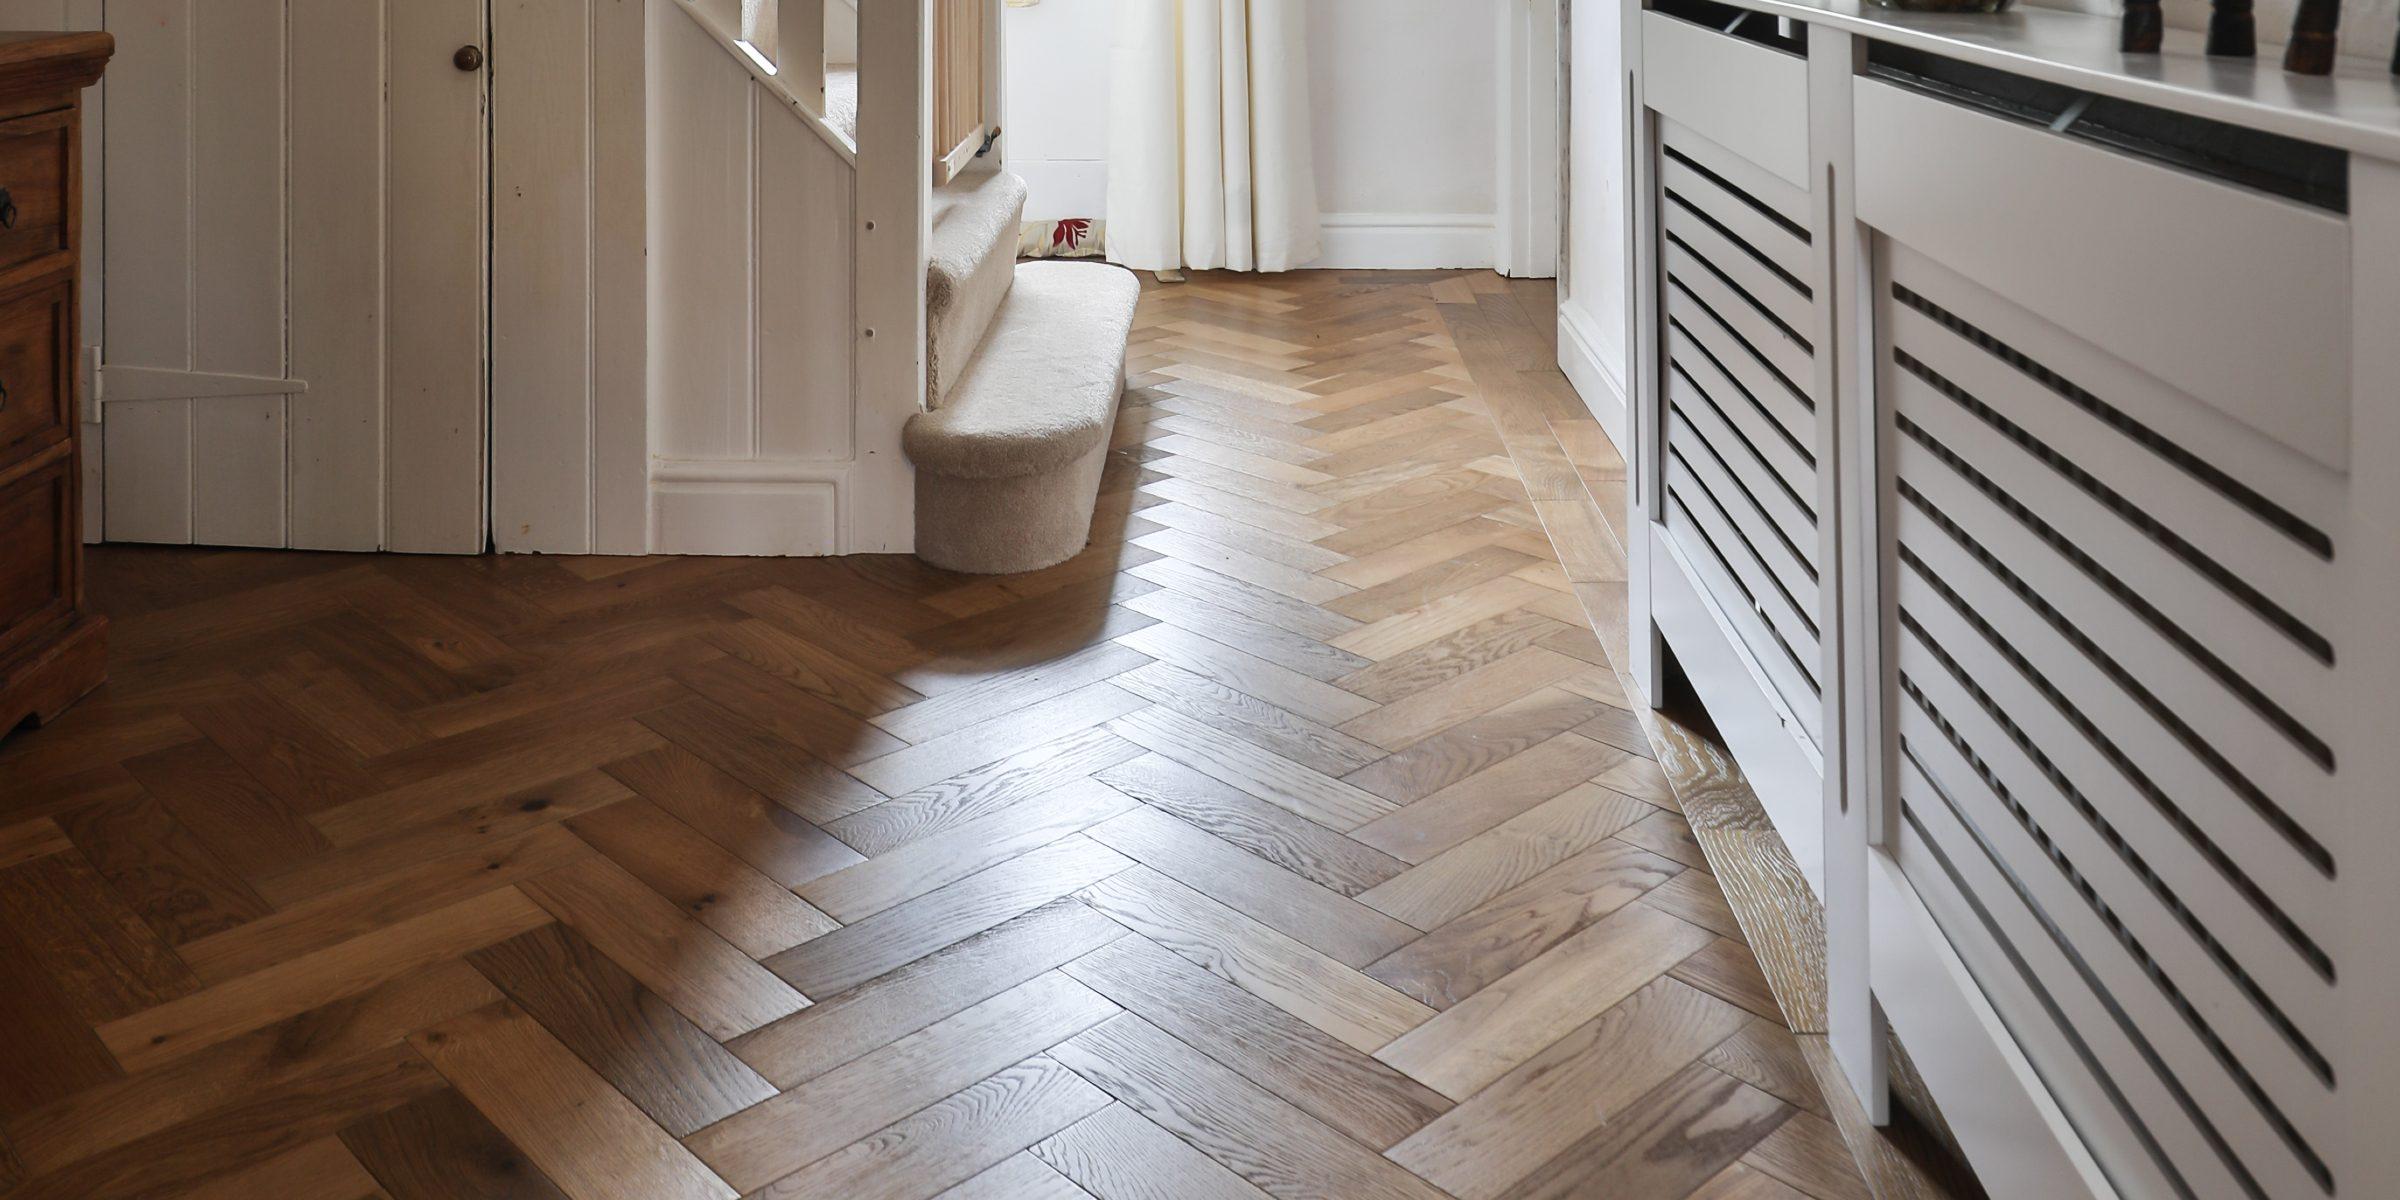 smoked oak herringbone wood floors